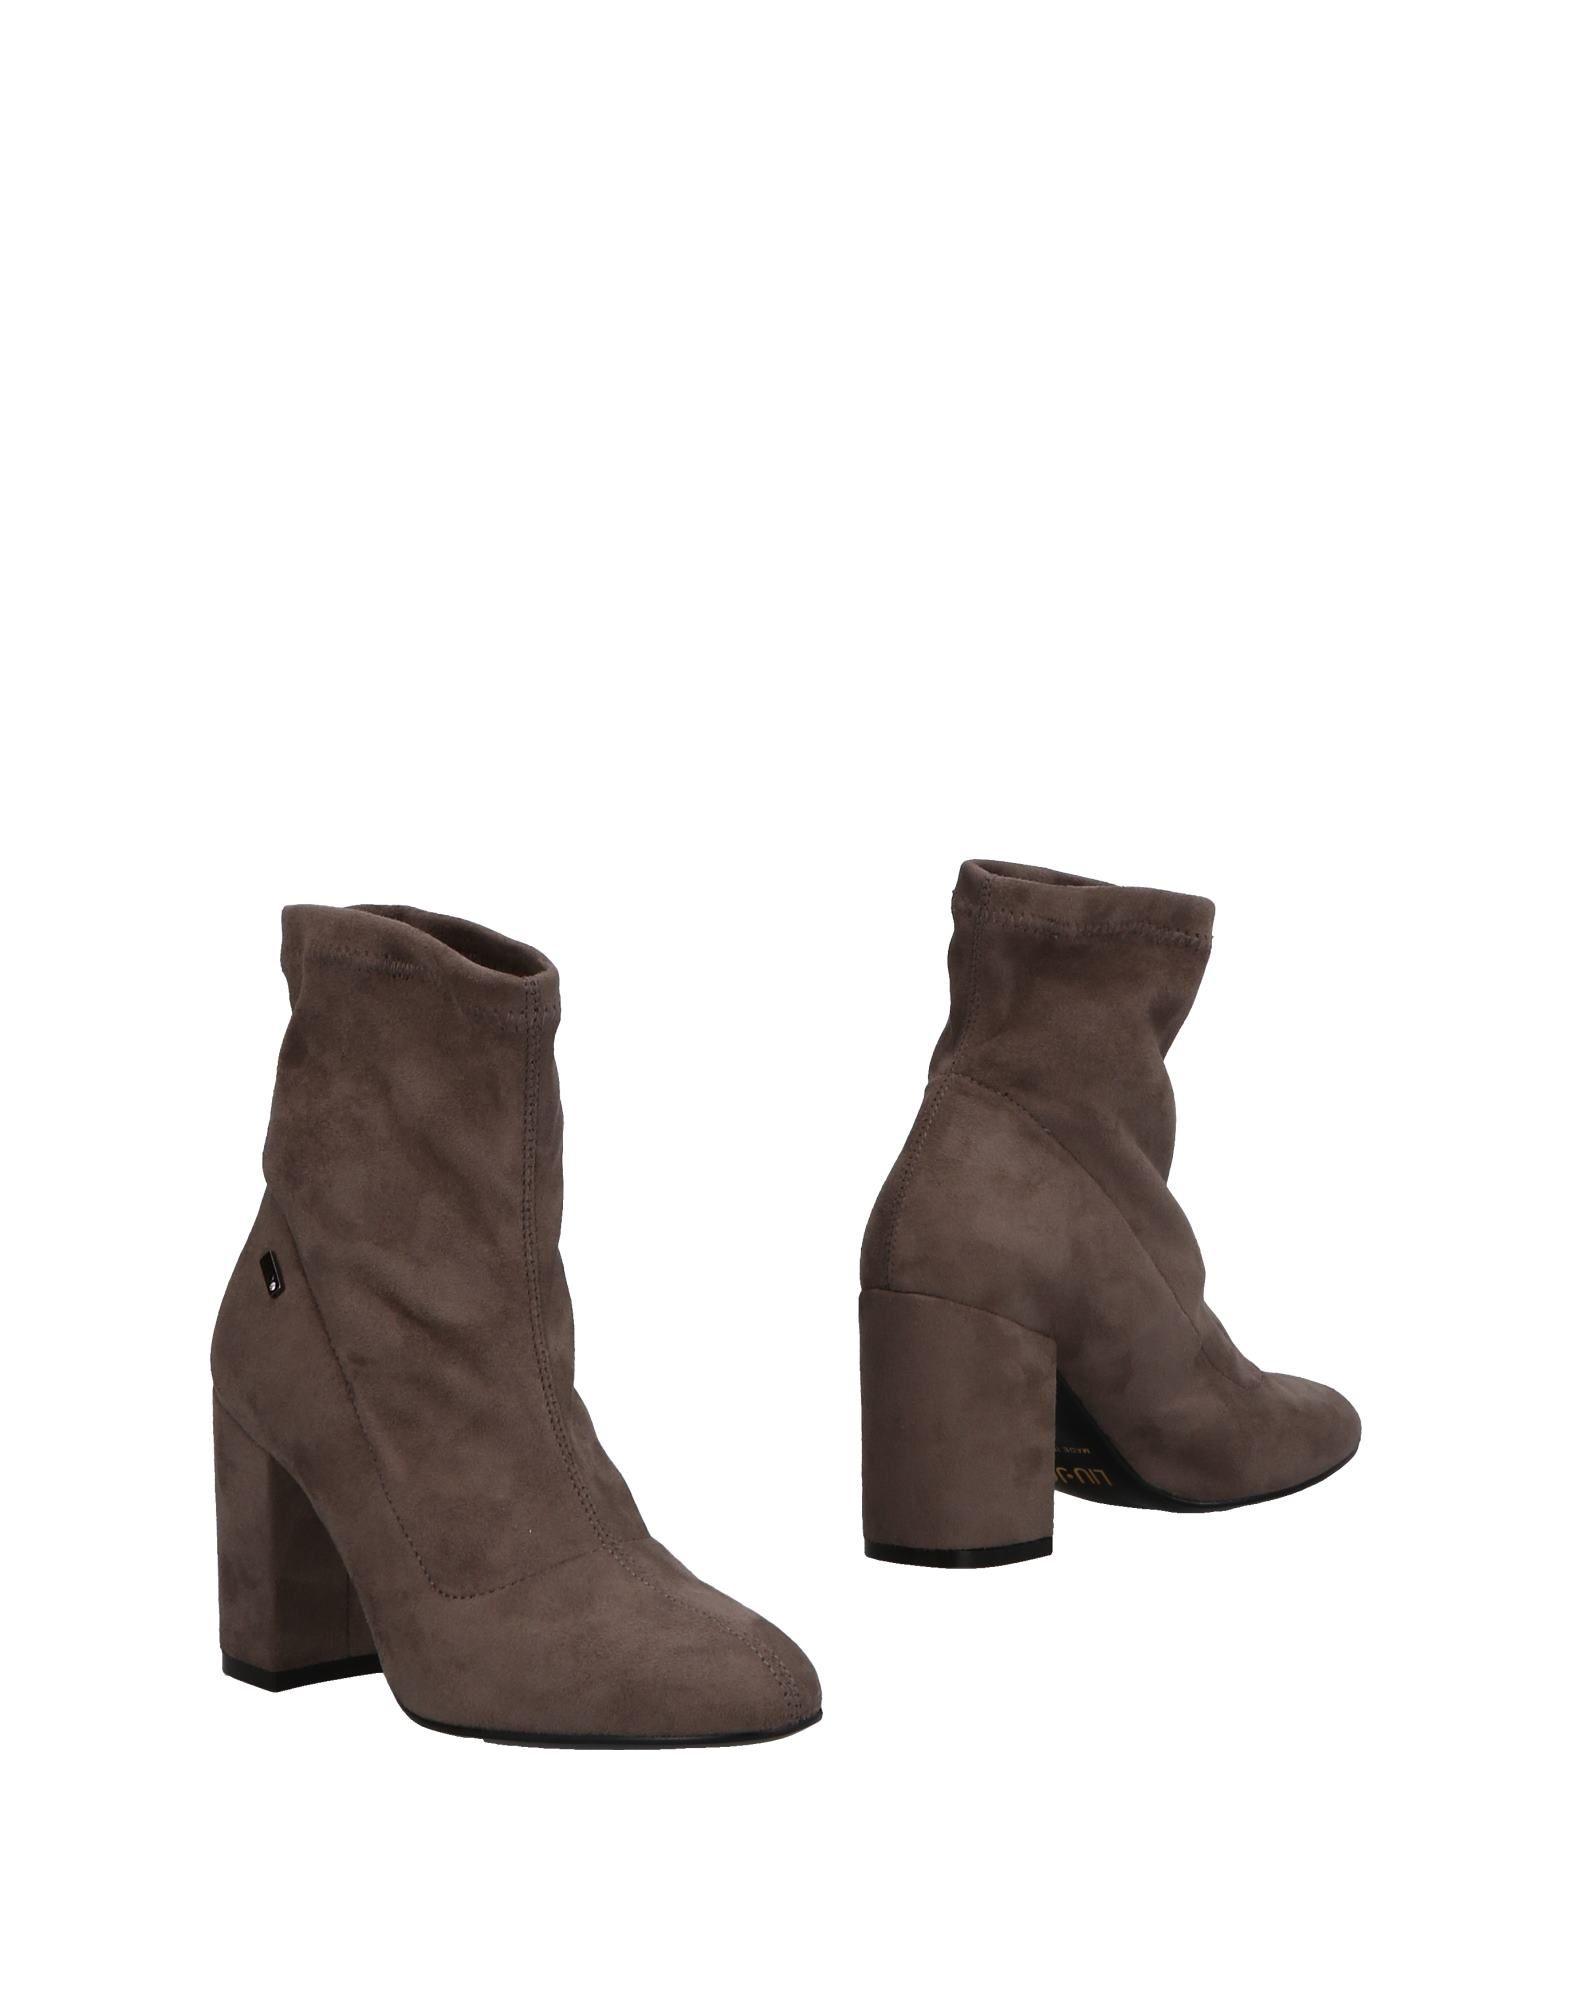 Liu •Jo Stiefelette Qualität Damen  11491719WN Gute Qualität Stiefelette beliebte Schuhe 74eff5